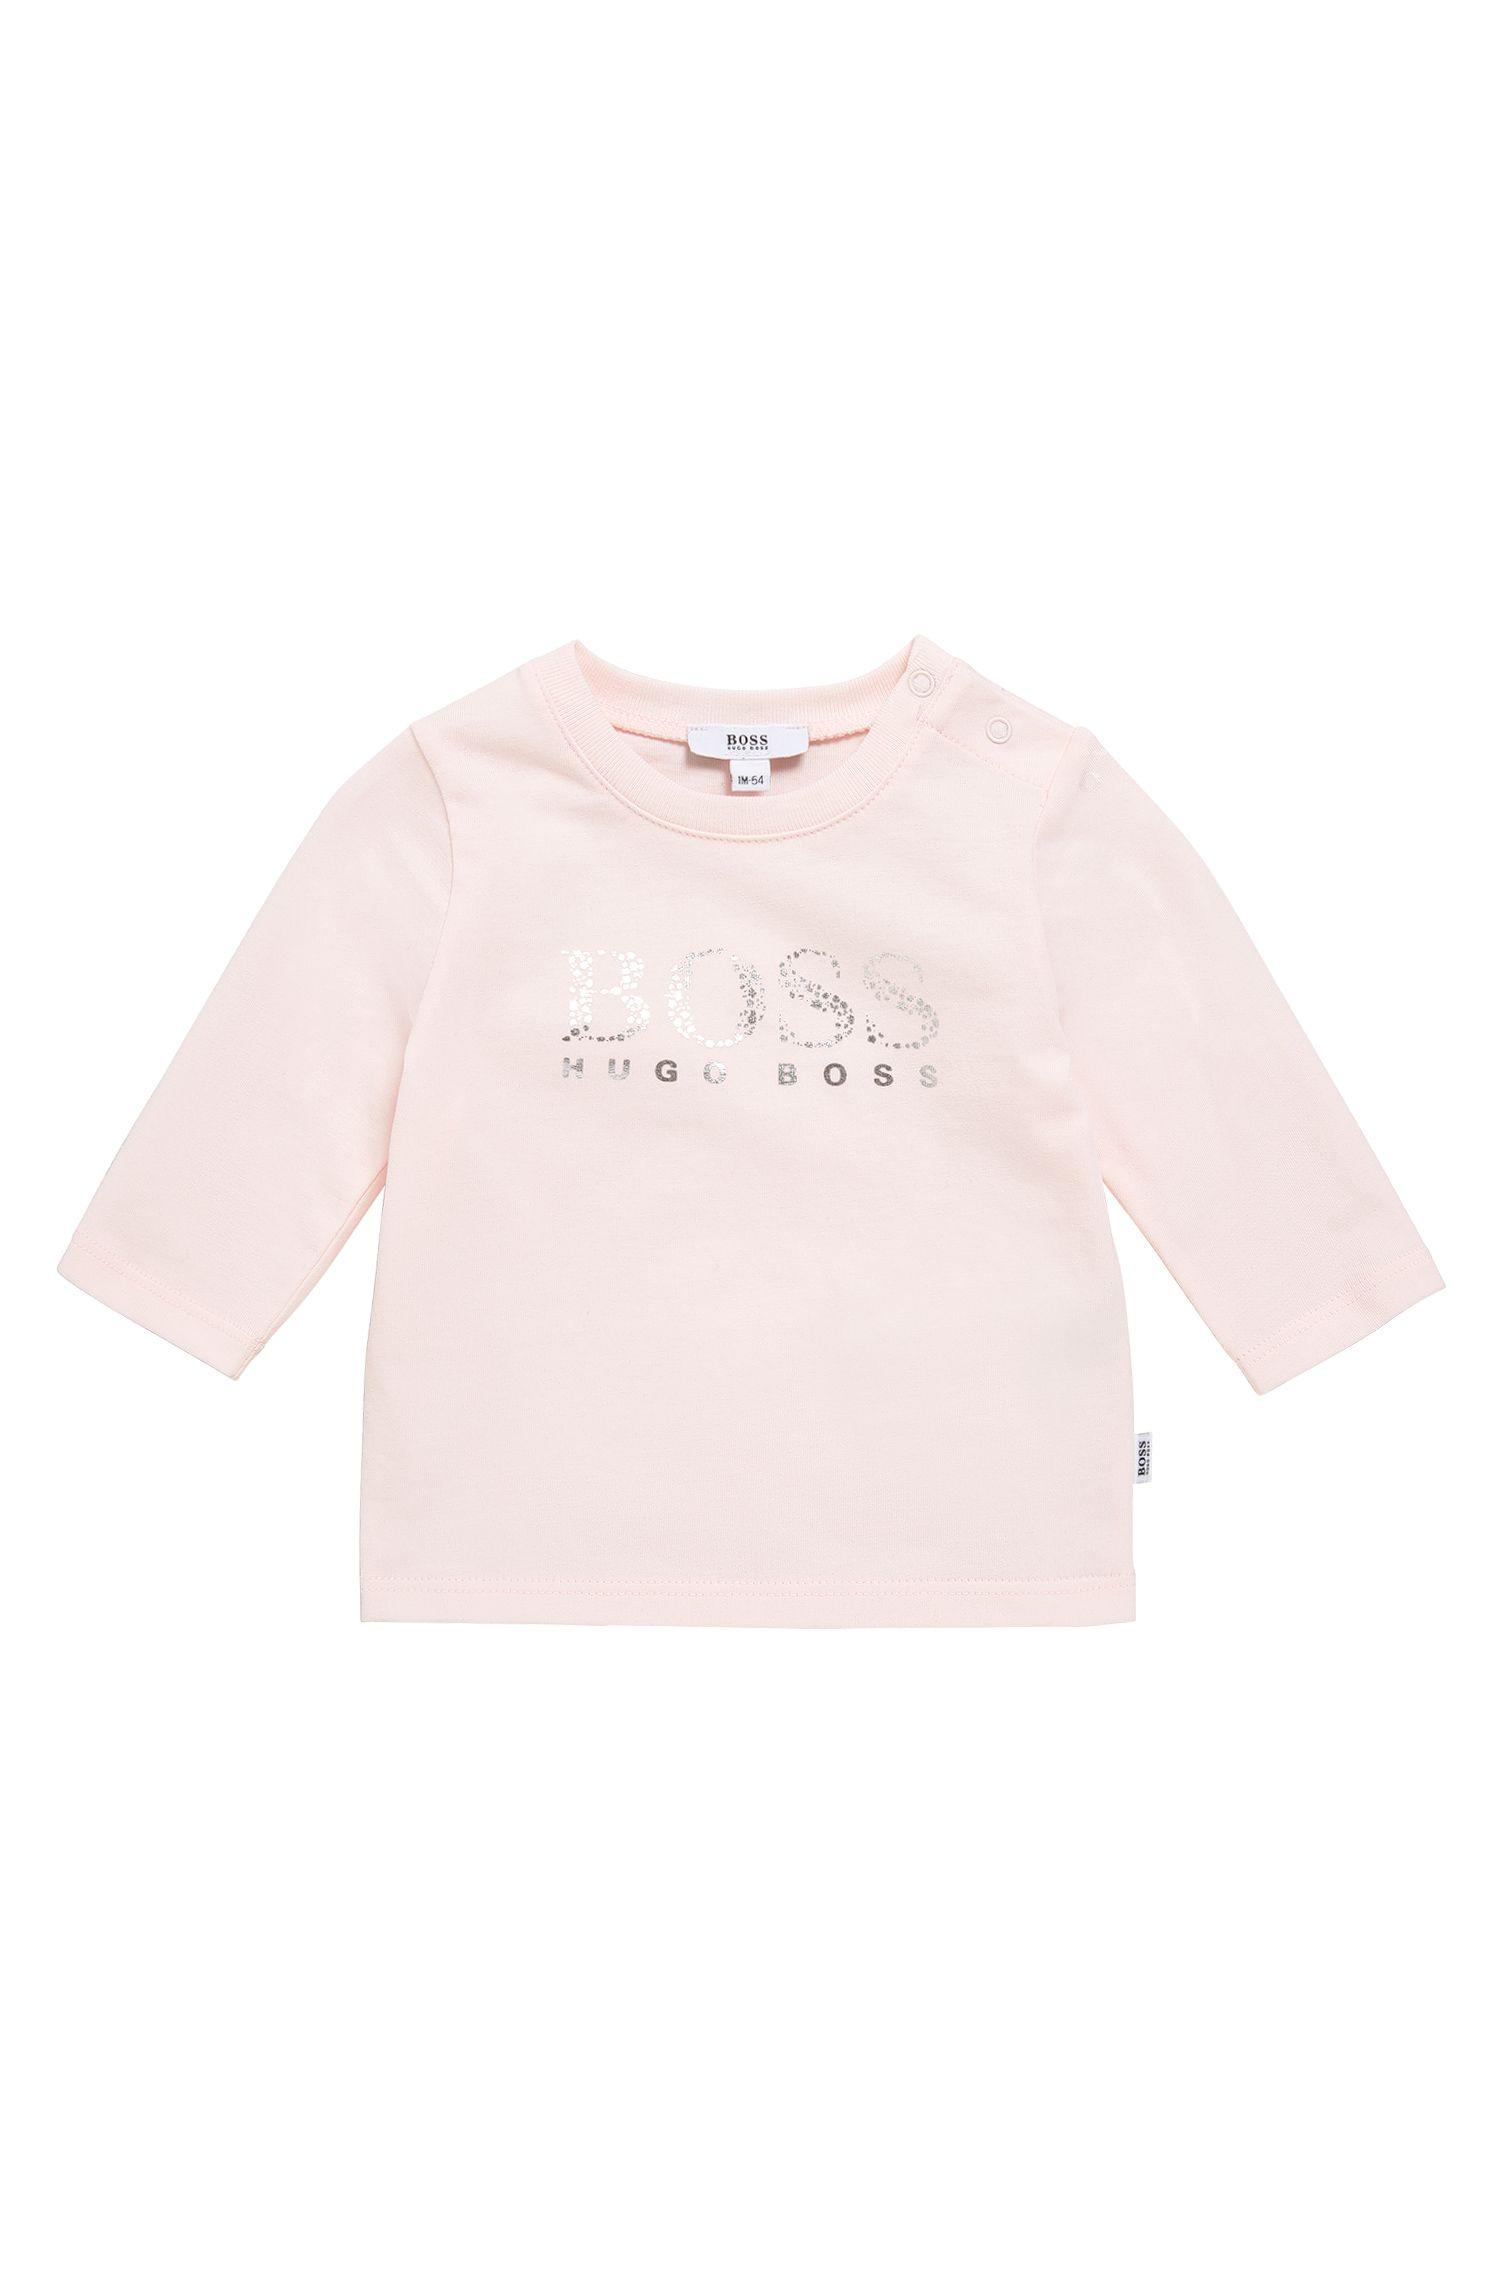 Baby-Longsleeve aus elastischer Baumwolle mit Metallic-Print: 'J95203'